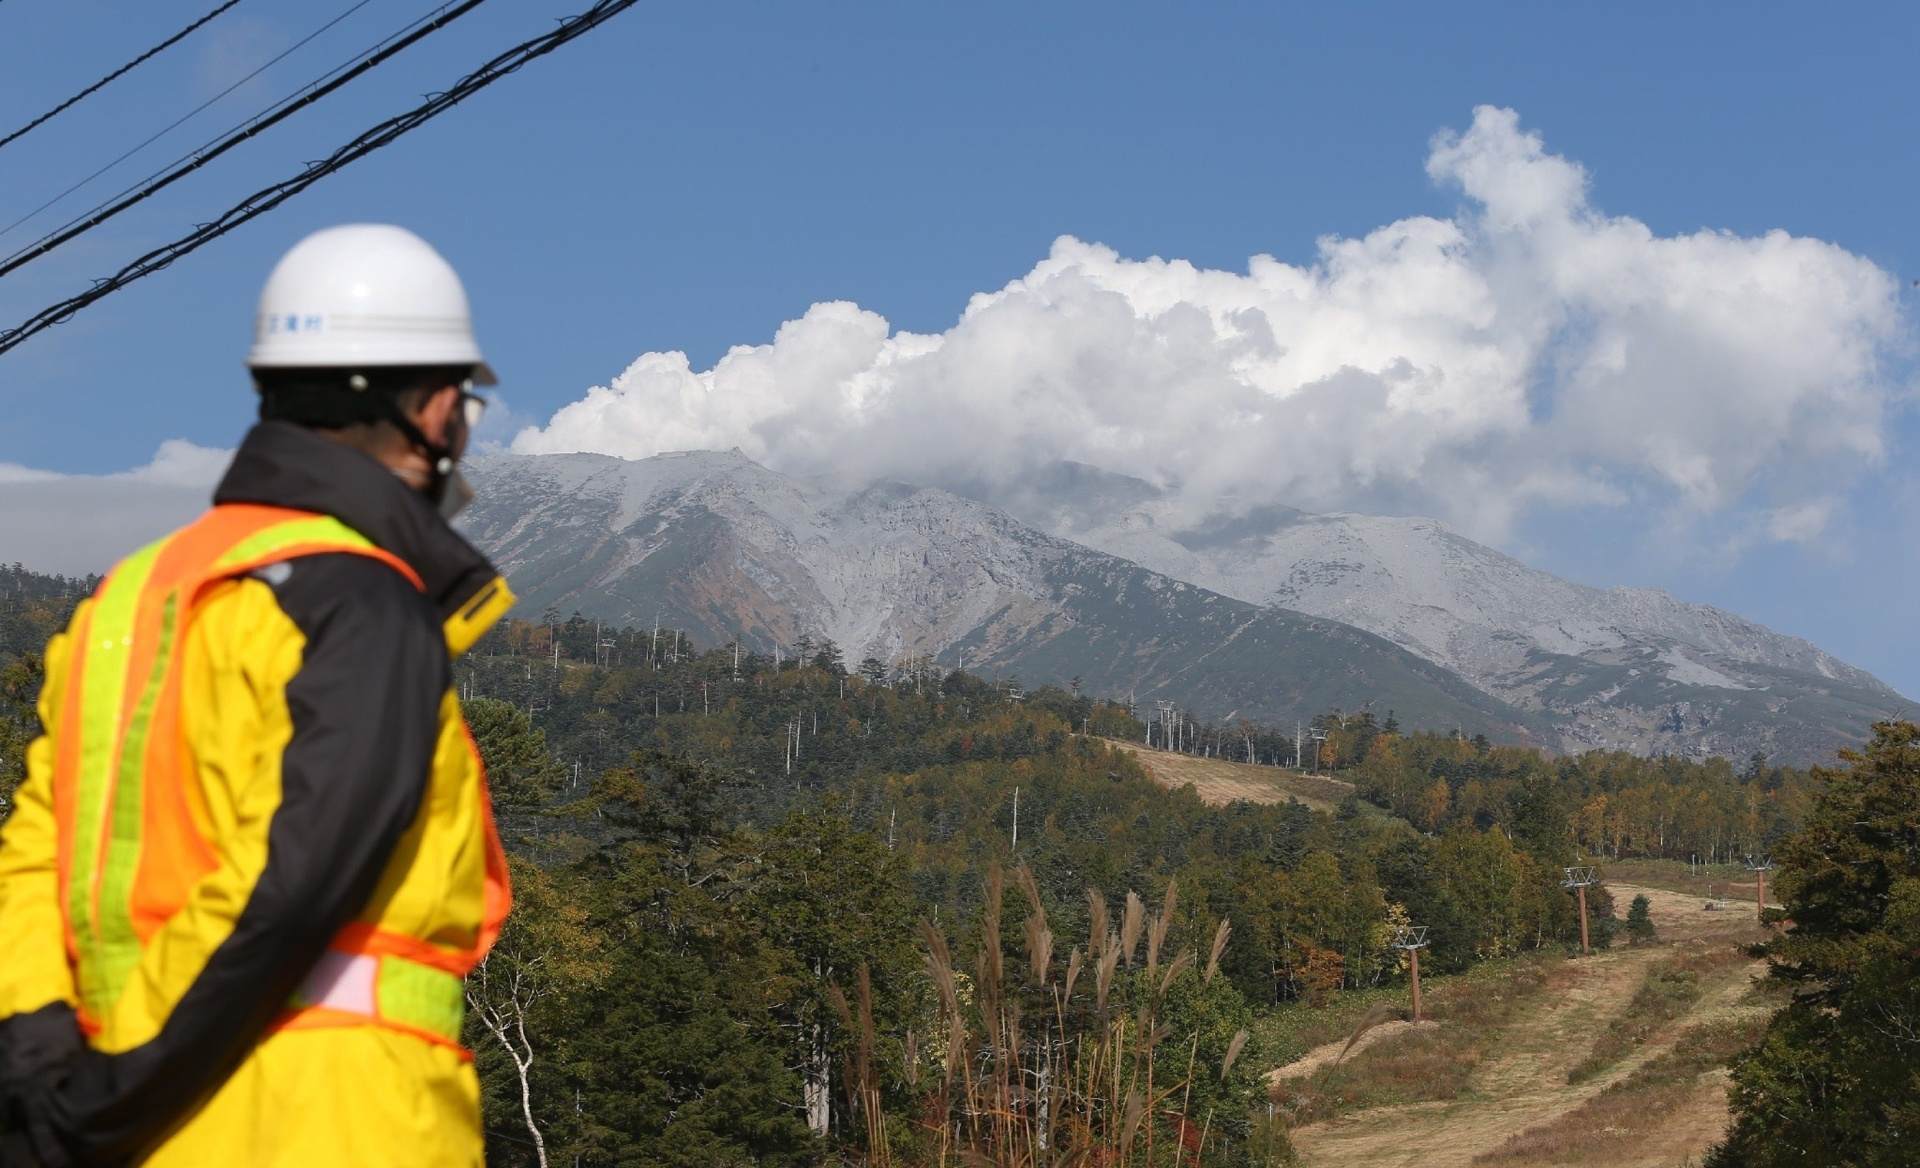 2.out.2014 - Gases e cinzas saem da cratera do Monte Ontake, no centro do Japão, cinco dias após o começo da atividade vulcânica. Ao menos 47 pessoas morreram em decorrência das erupções, tornado este o pior desastre vulcânico do Japão em quase 90 anos